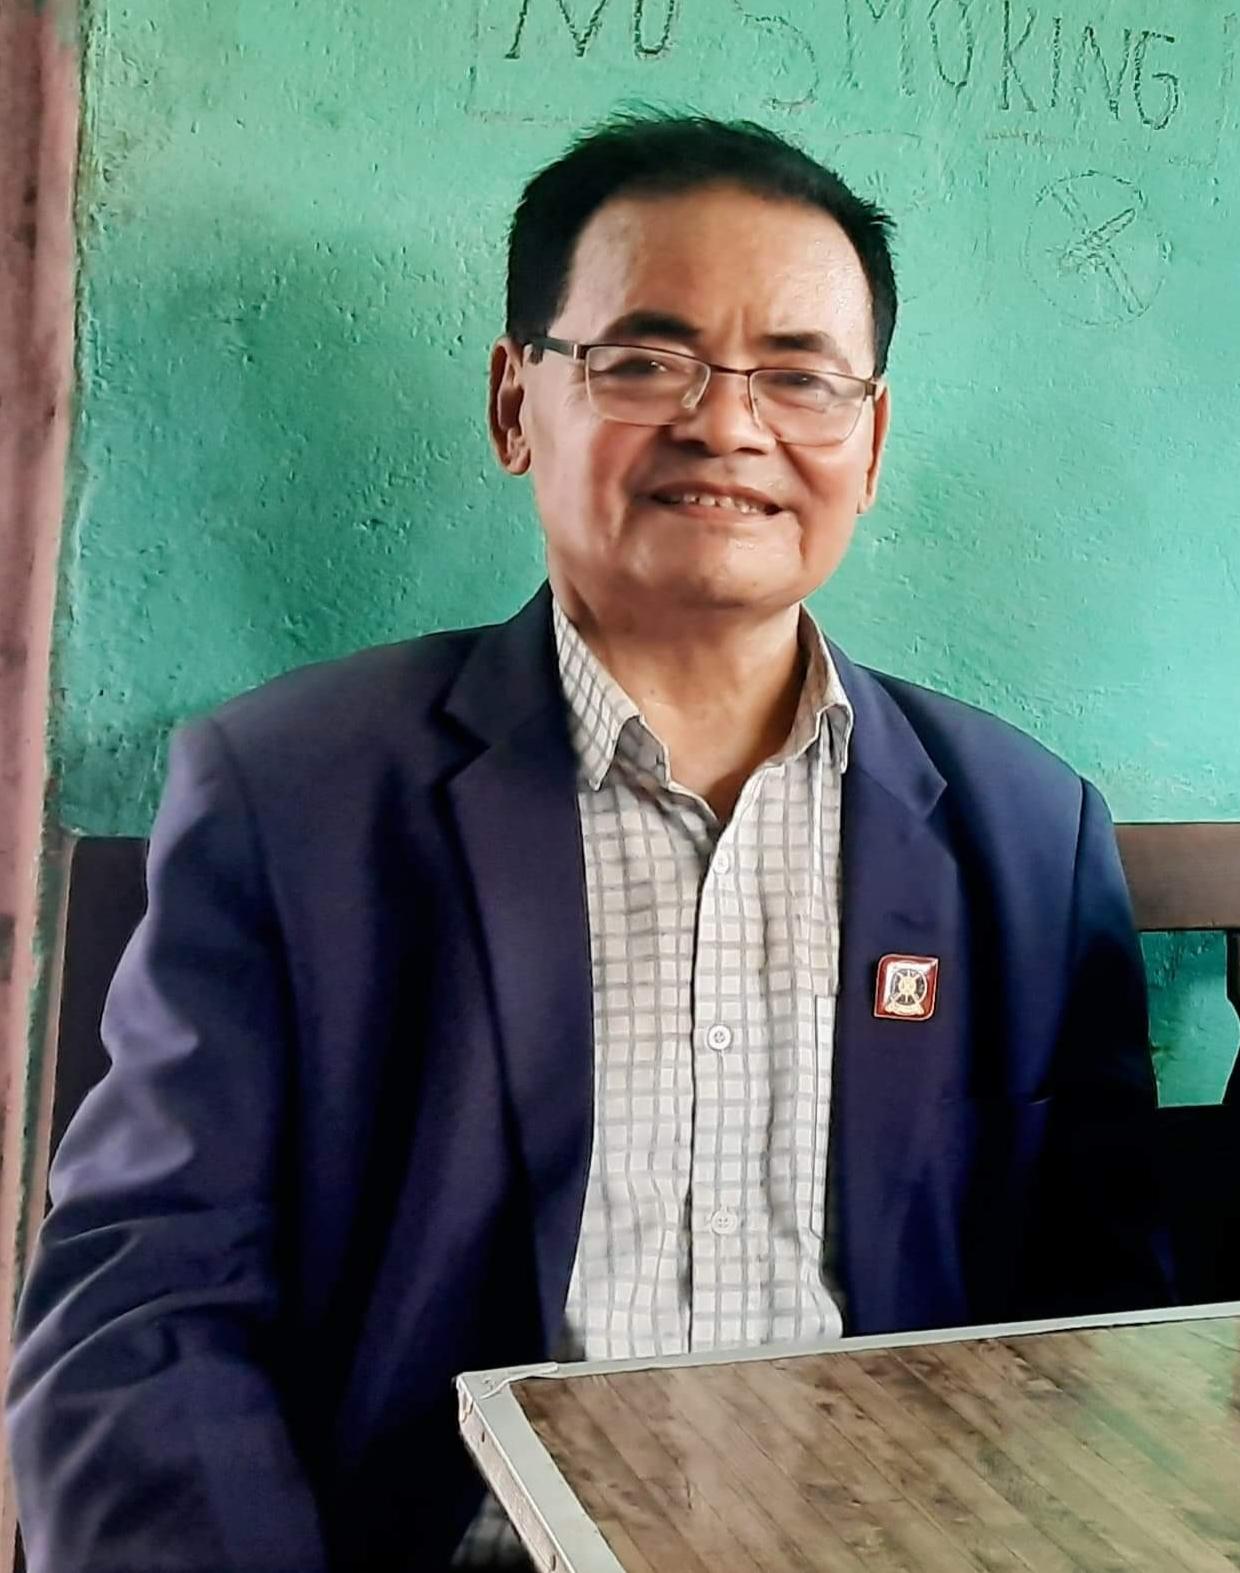 वीर नेम्वाङको राजनीति र साहित्यमा देन